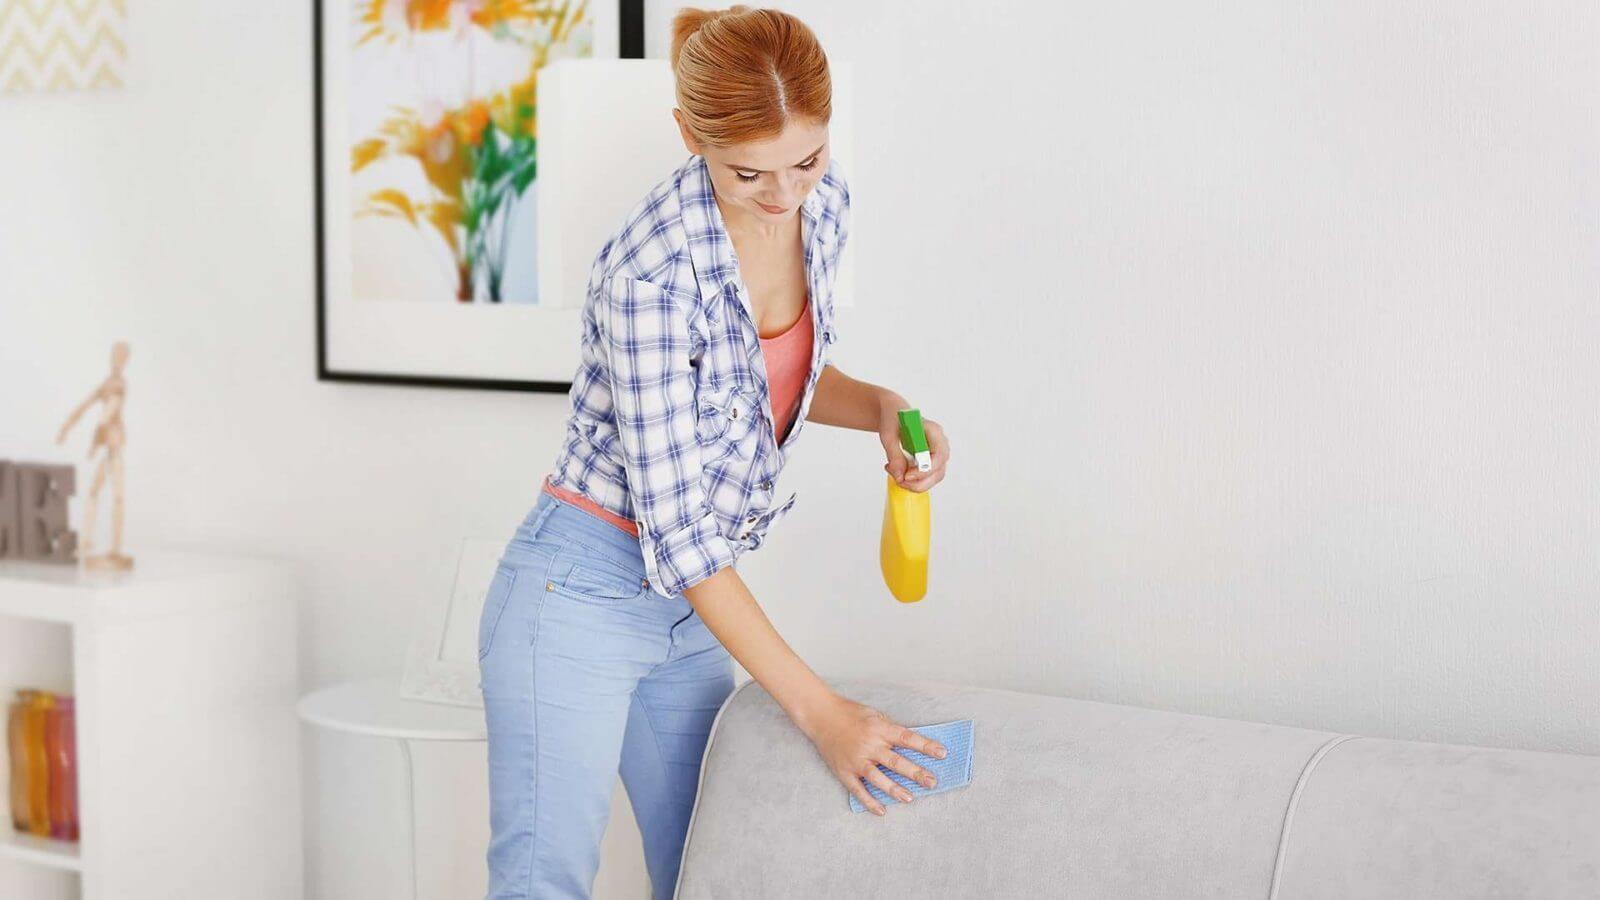 как почистить мягкую мебель средством для мытья посуды